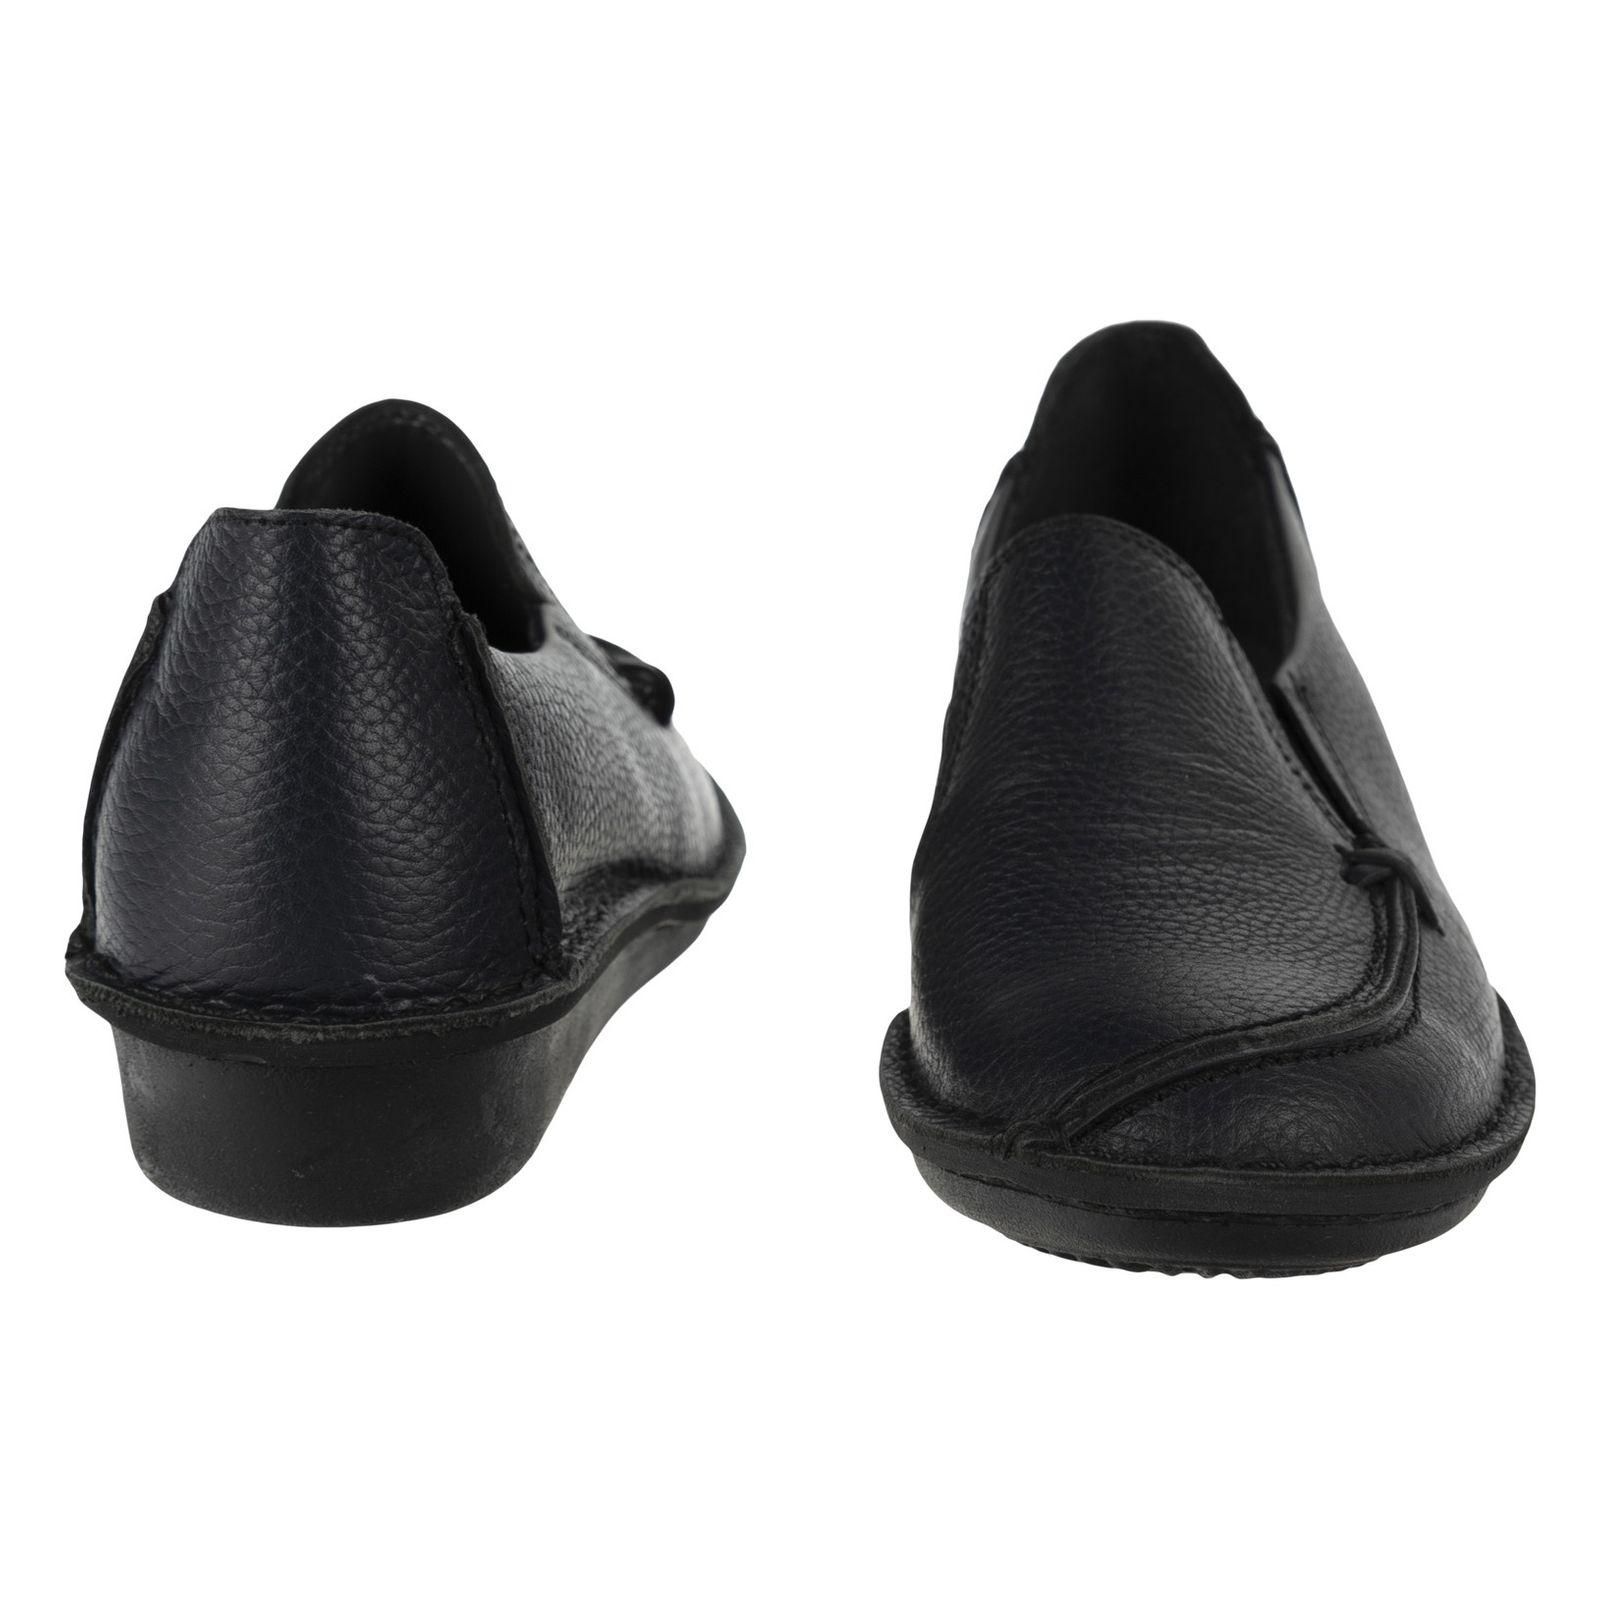 کفش روزمره زنانه دلفارد مدل DL5034F500-103 -  - 7